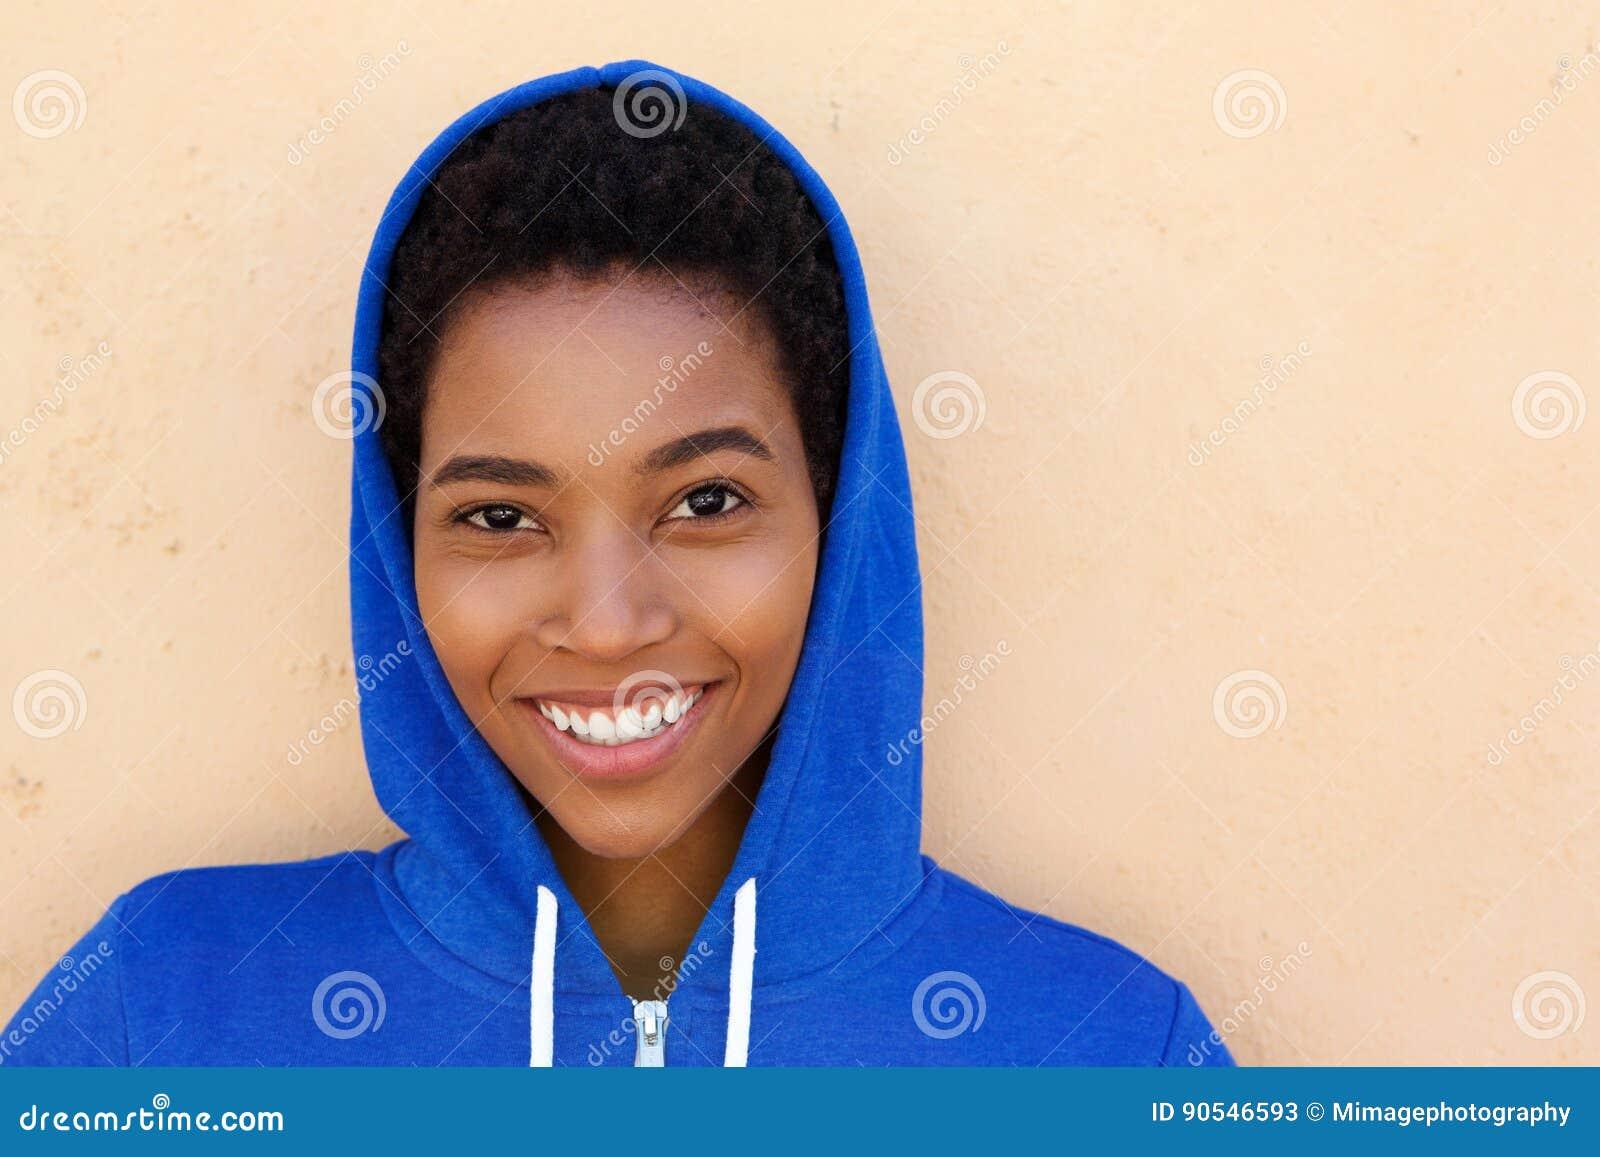 Κλείστε επάνω την ελκυστική νέα μαύρη γυναίκα με μπλε hoody